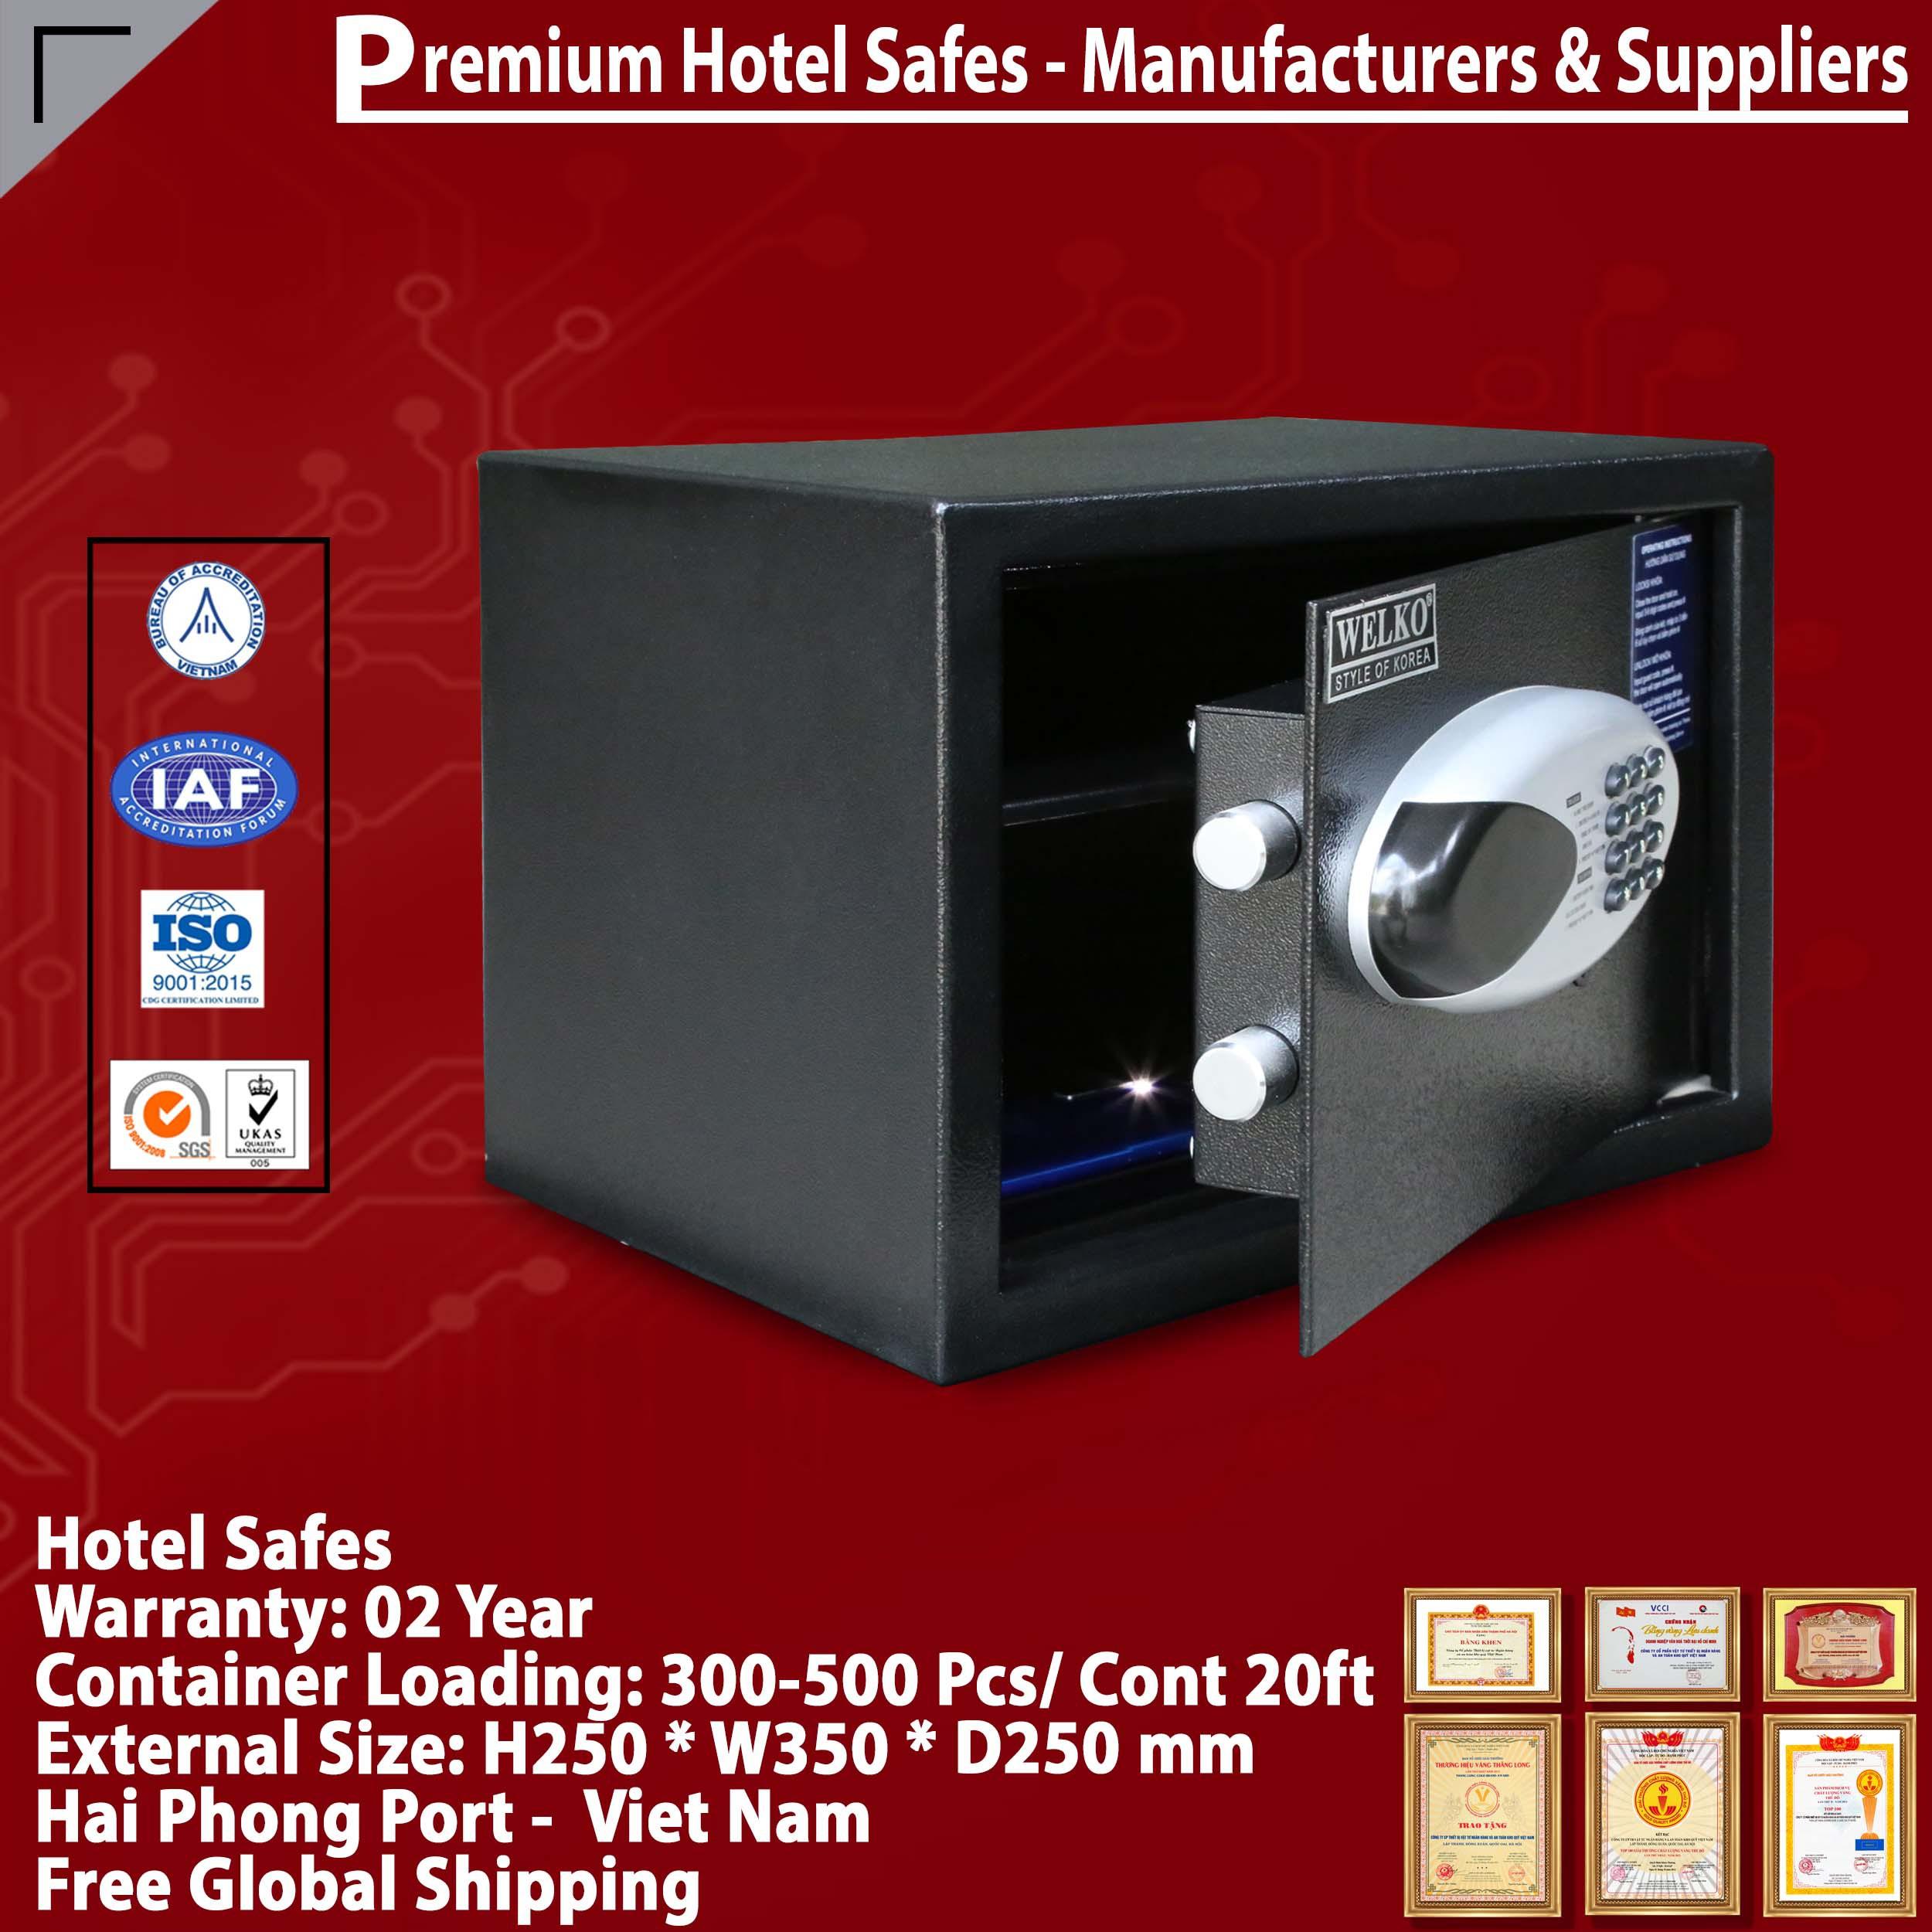 Room Hotel Safe for sale online